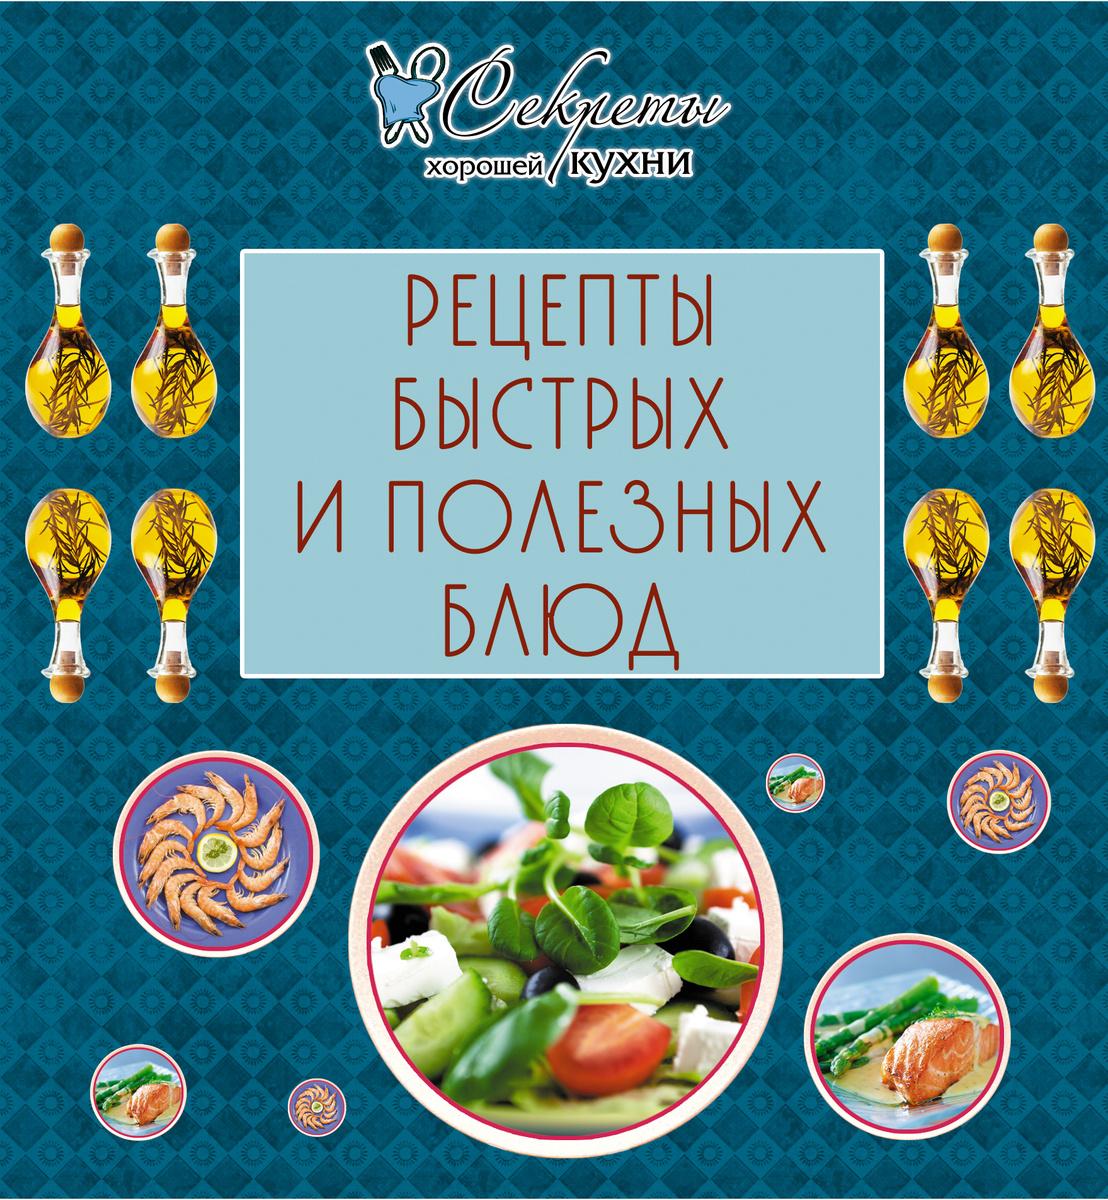 Рецепты быстрых и полезных блюд   Нет автора #1